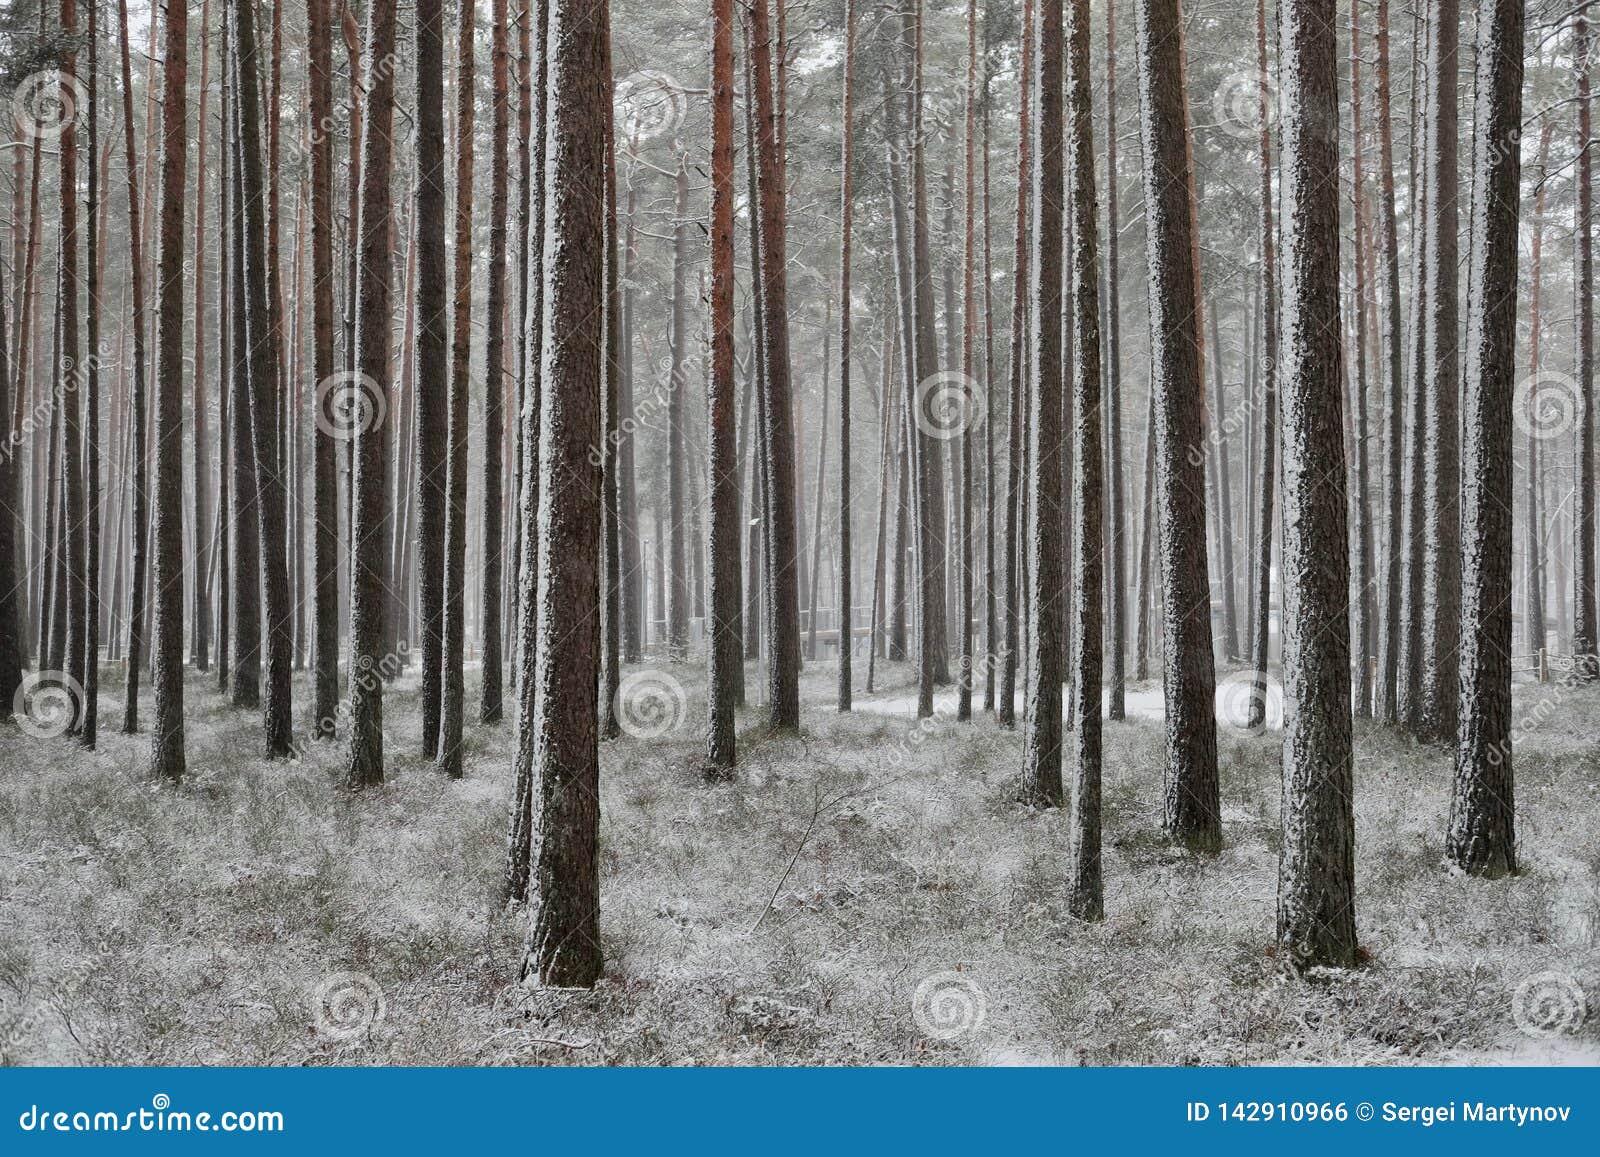 Chutes de neige dans une forêt de pin